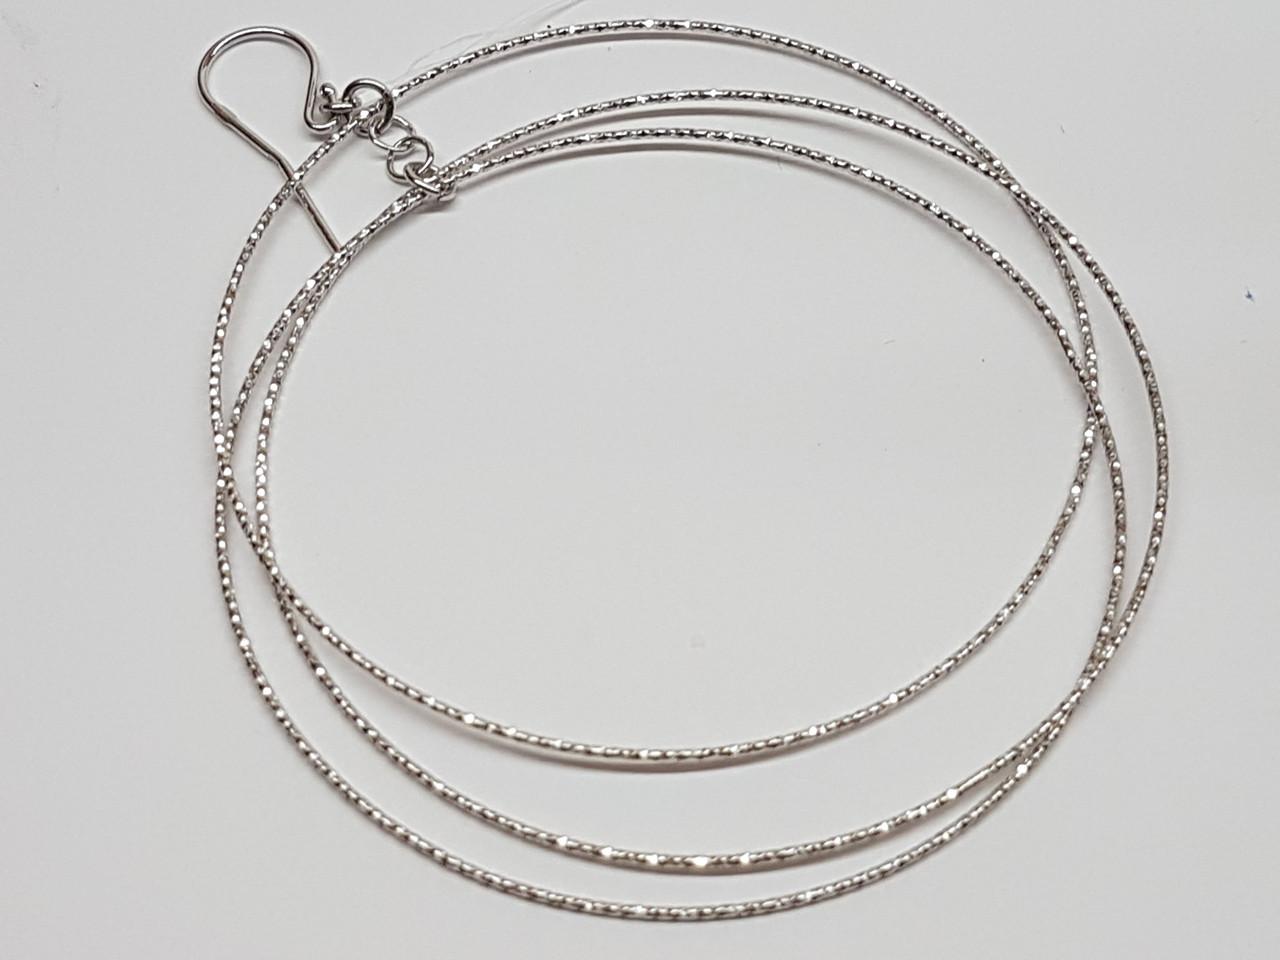 Срібні сережки з алмазною гранню. Артикул 902-00986